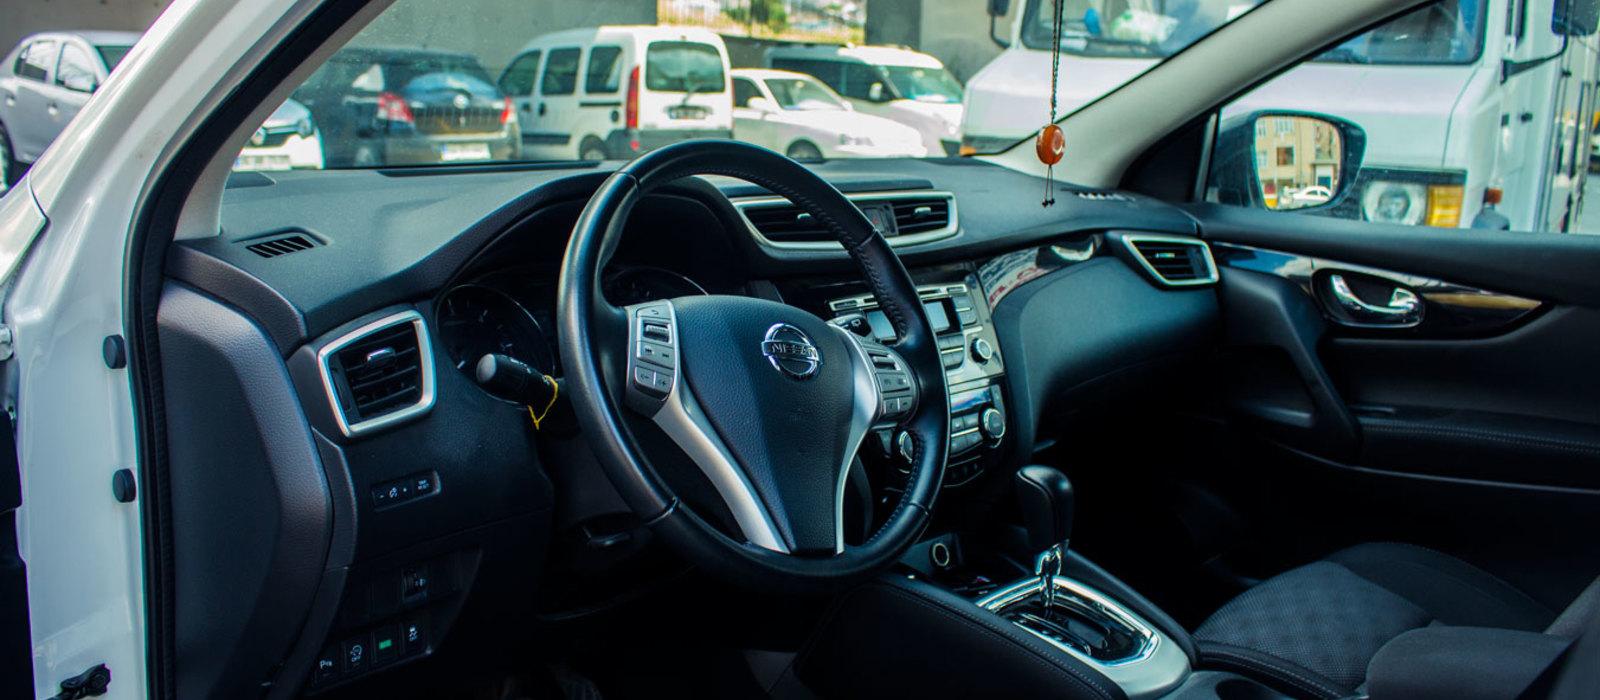 ikinci el araba 2016 Nissan Qashqai 1.6 dCi Tekna Sky Pack Dizel Otomatik 34210 KM 6